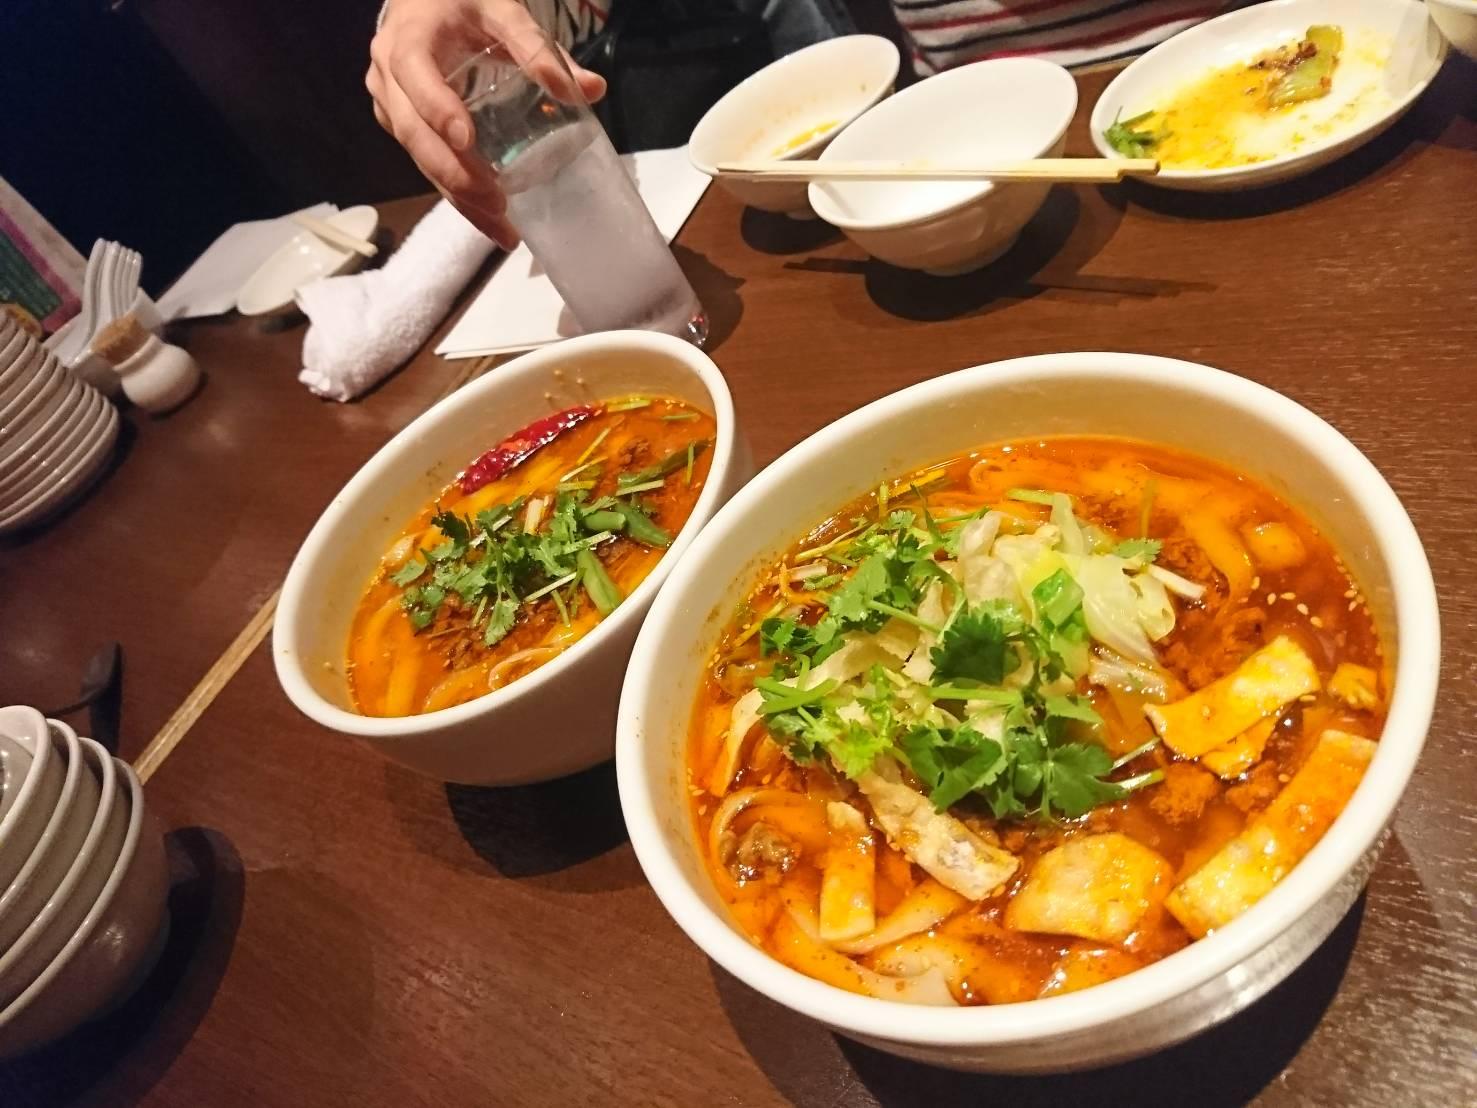 中華料理店「西安」新宿駅西口3分のおいしかったメニュー記録